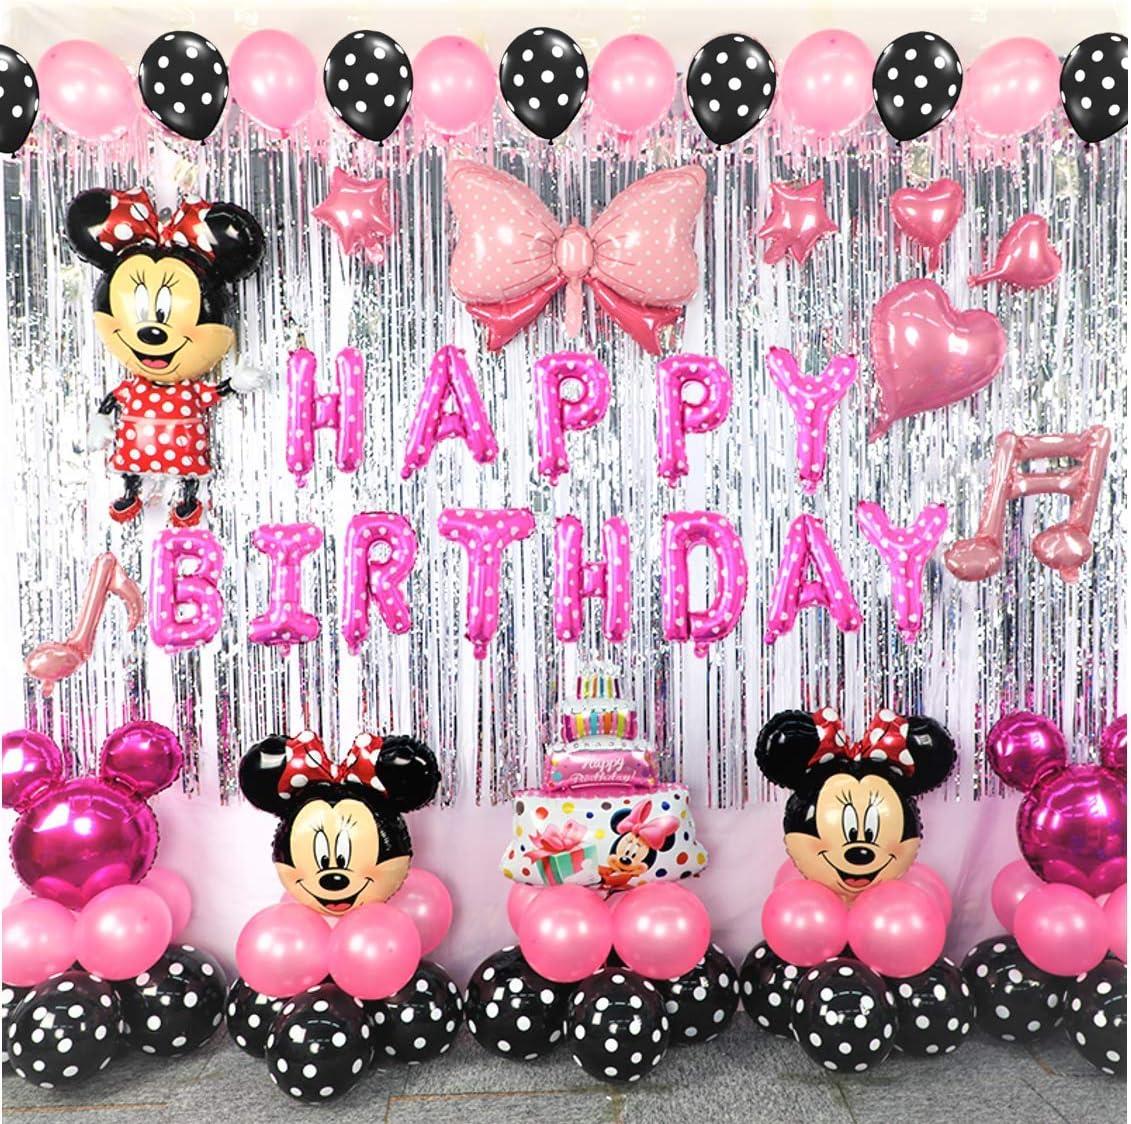 Amazon.com: Minnie Theme Mouse Decoración de fiesta de ...